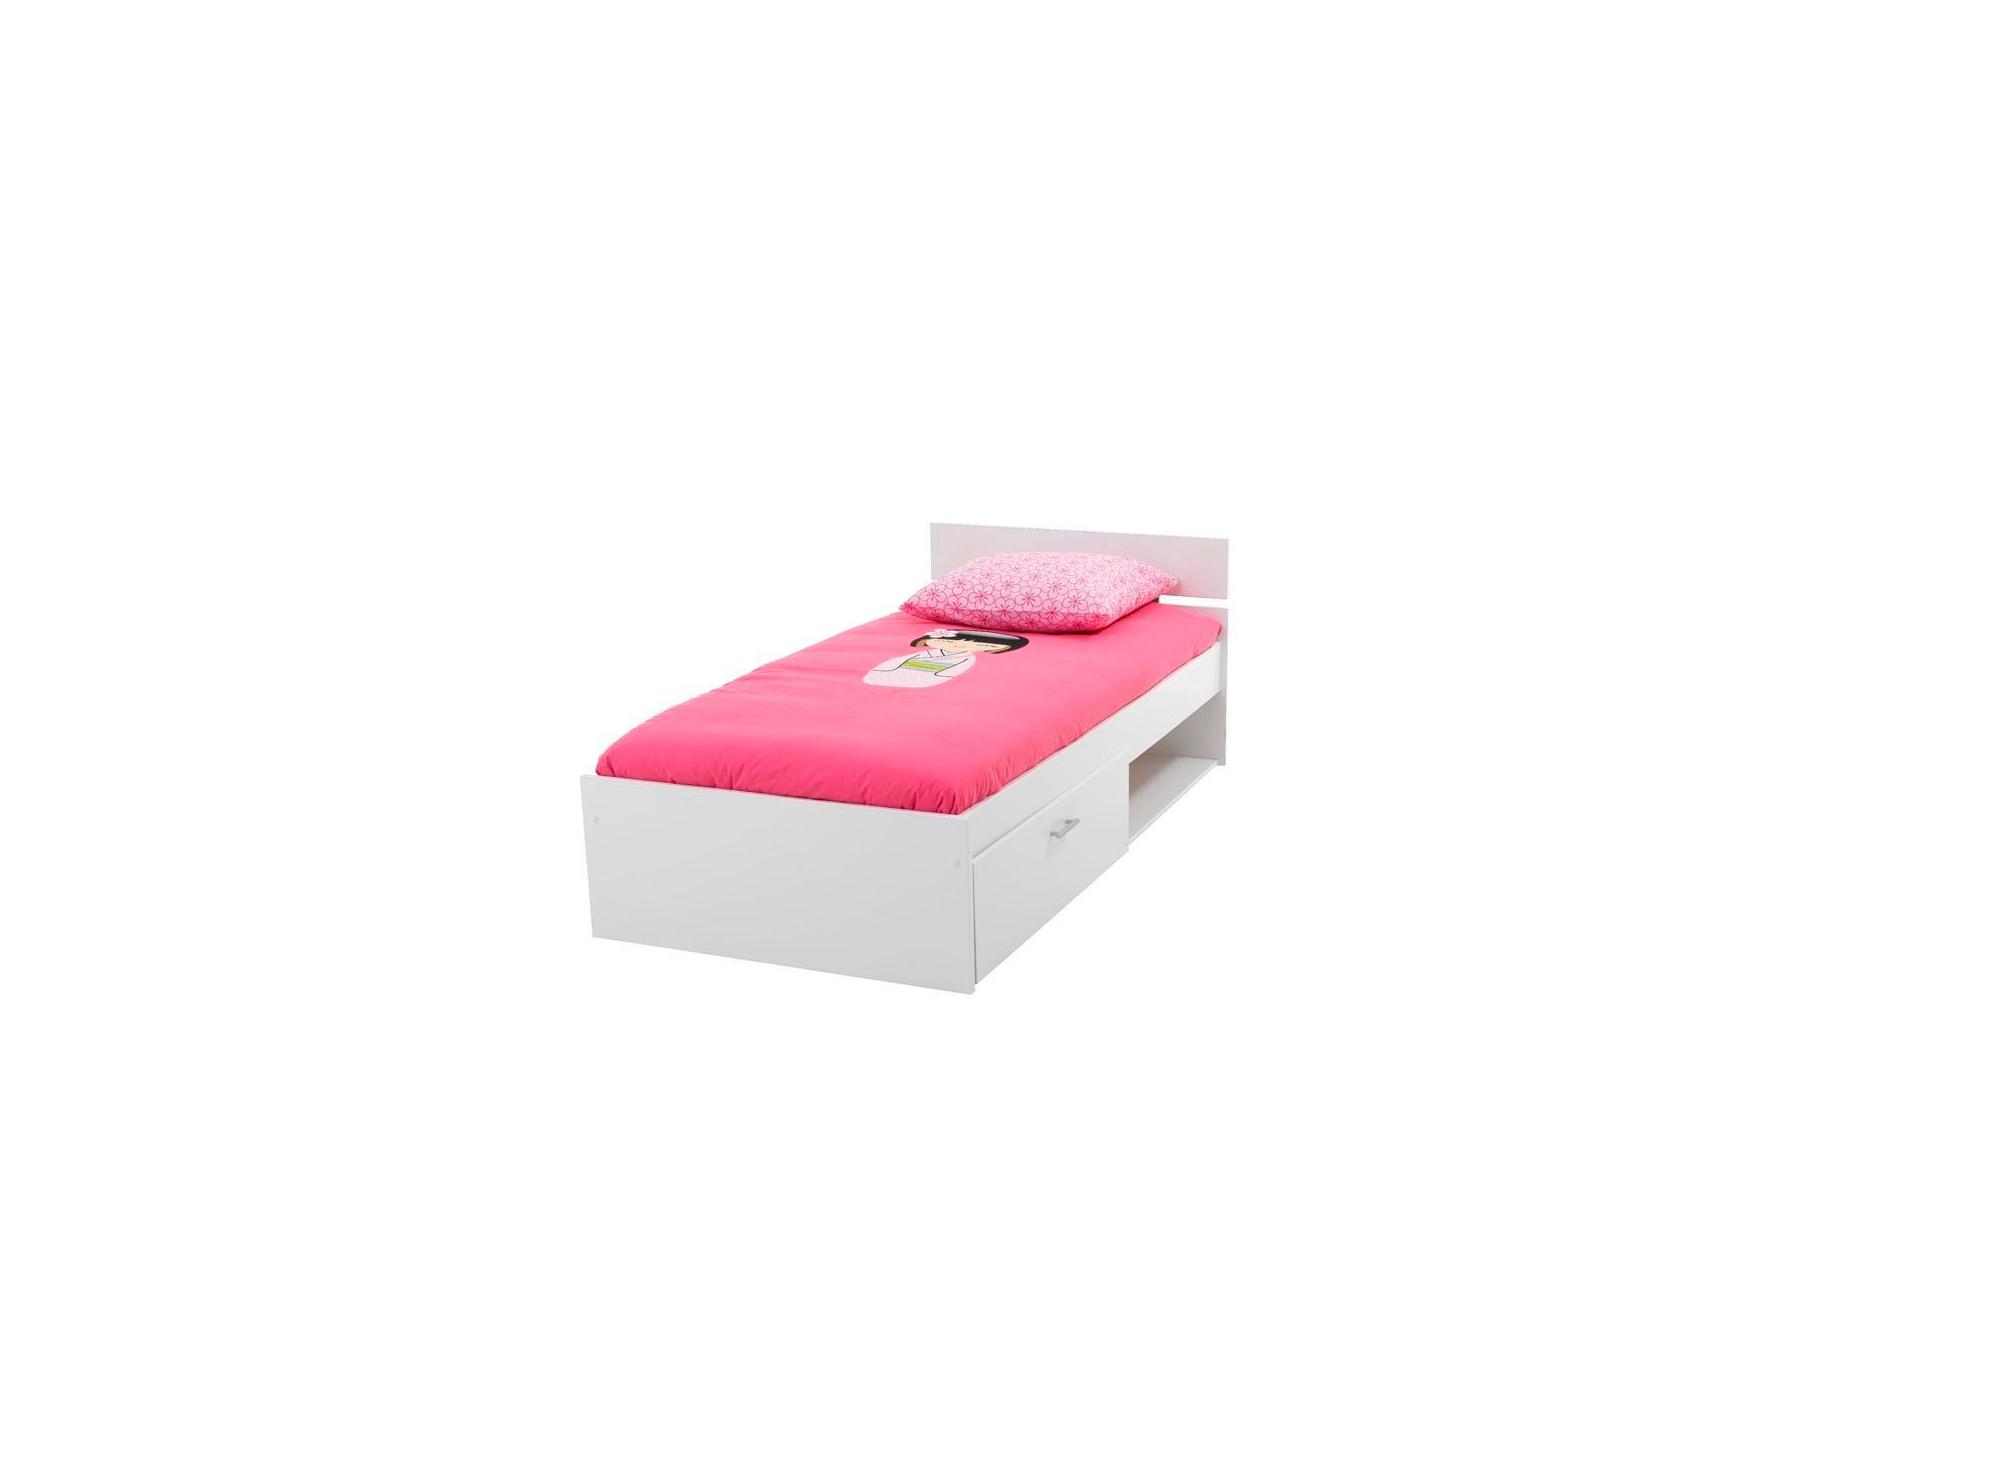 lit tiroir enfant blanc fly. Black Bedroom Furniture Sets. Home Design Ideas